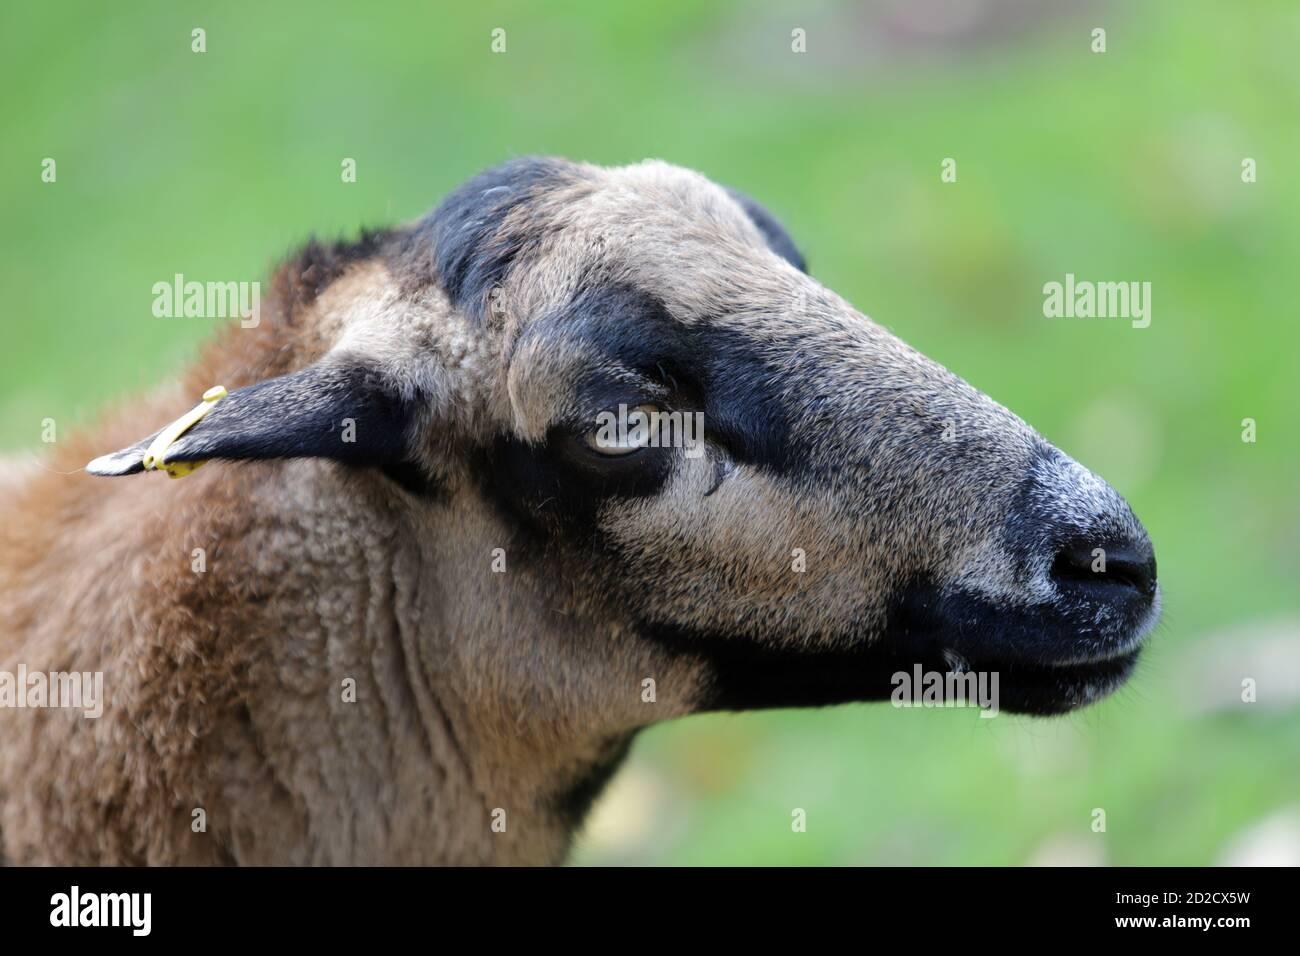 Kamerunschaf (Ovis ammon aries) im Wildpark, Mechernich, Nordrhein-Westfalen, Deutschland Stock Photo